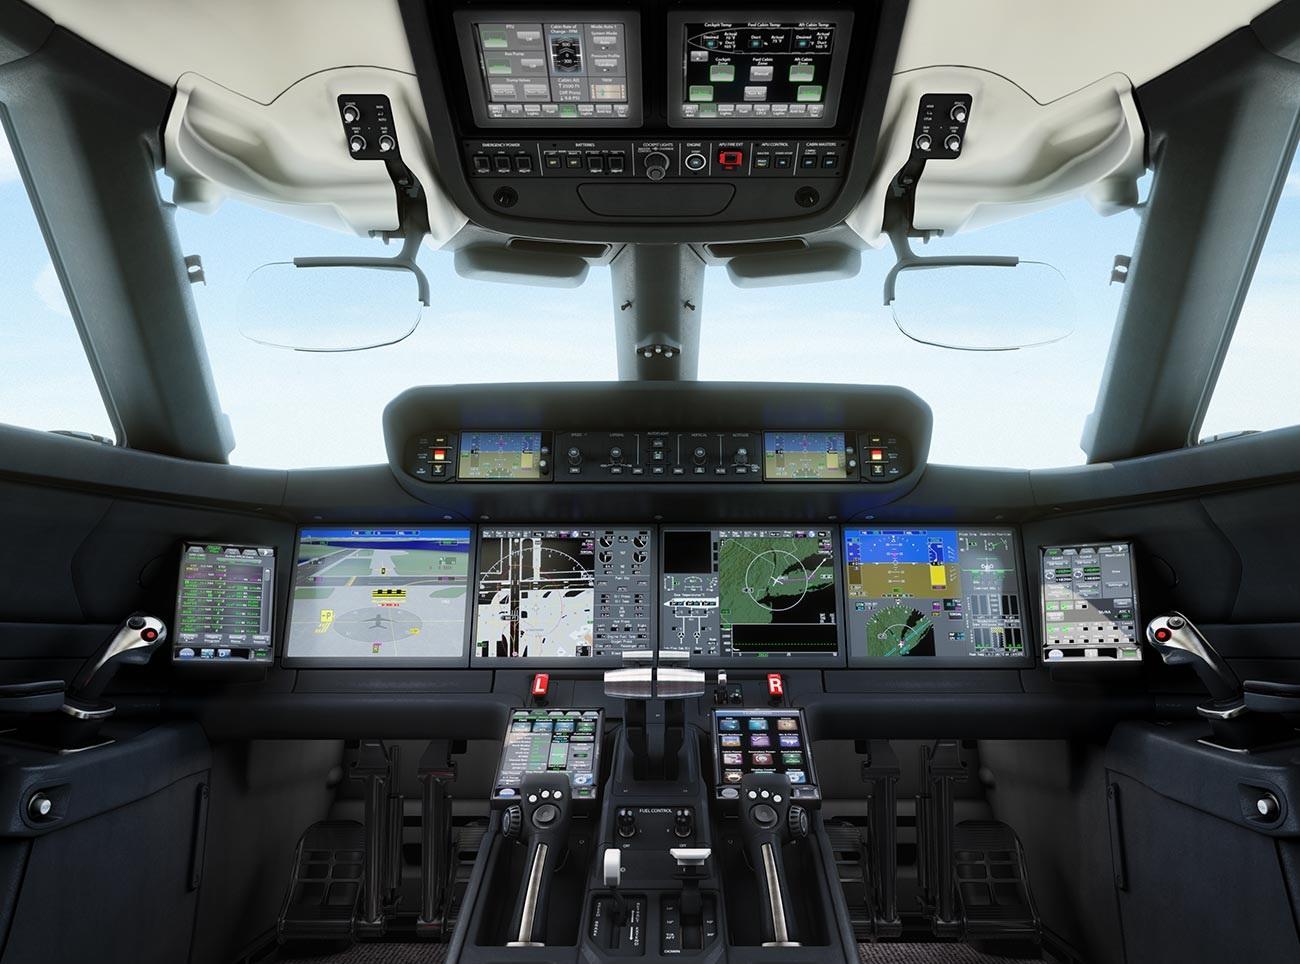 Gulfstream G700 Cockpit